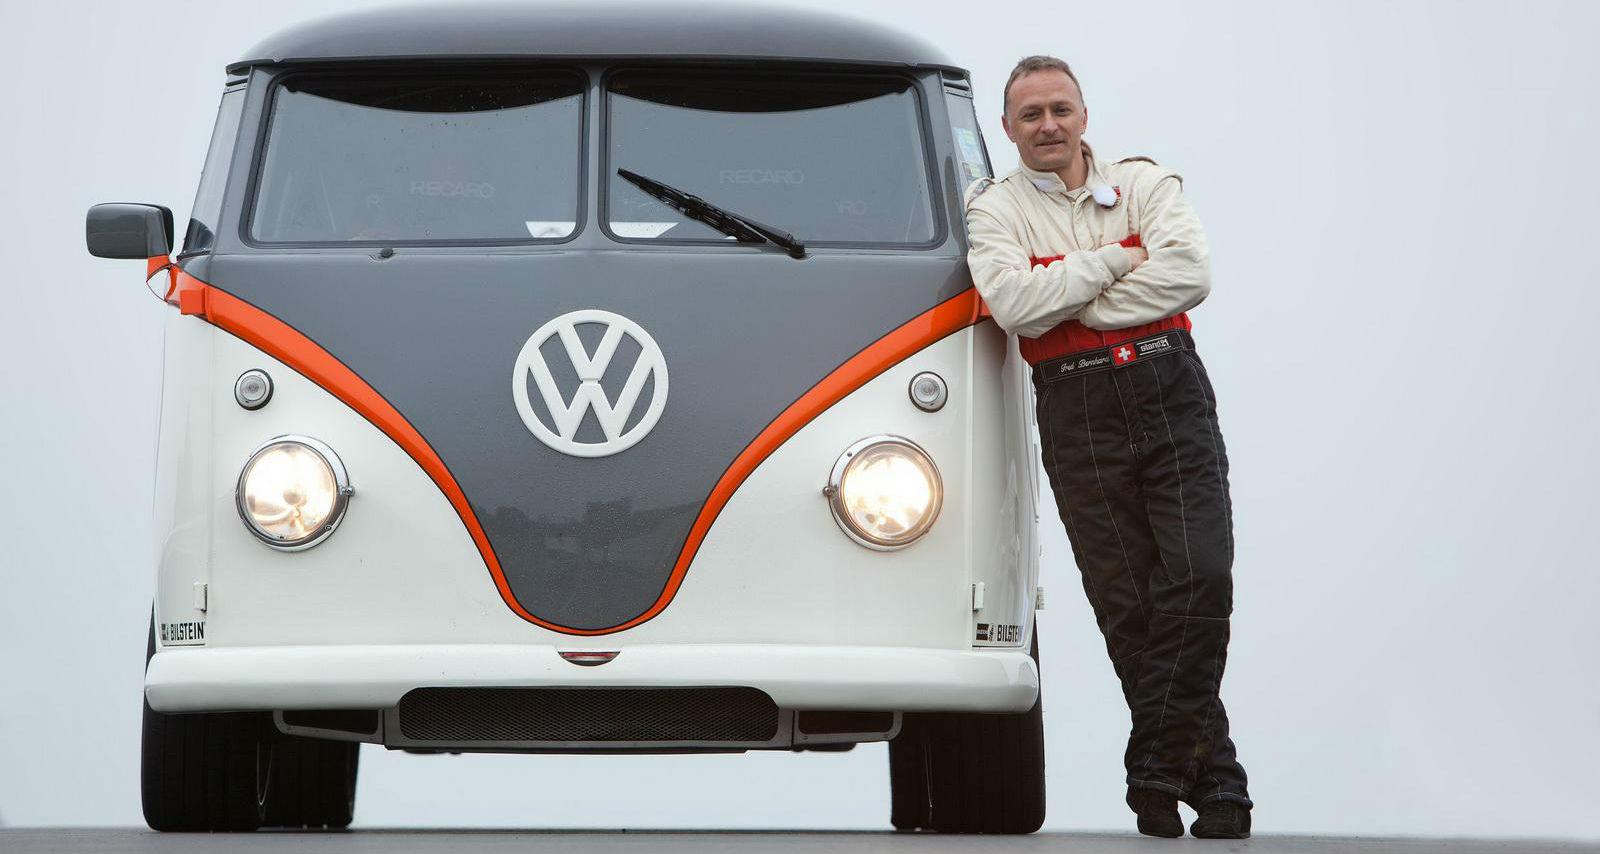 volkswagen_kombi_t1_racing_taxi_concept_fred_bernhard_02